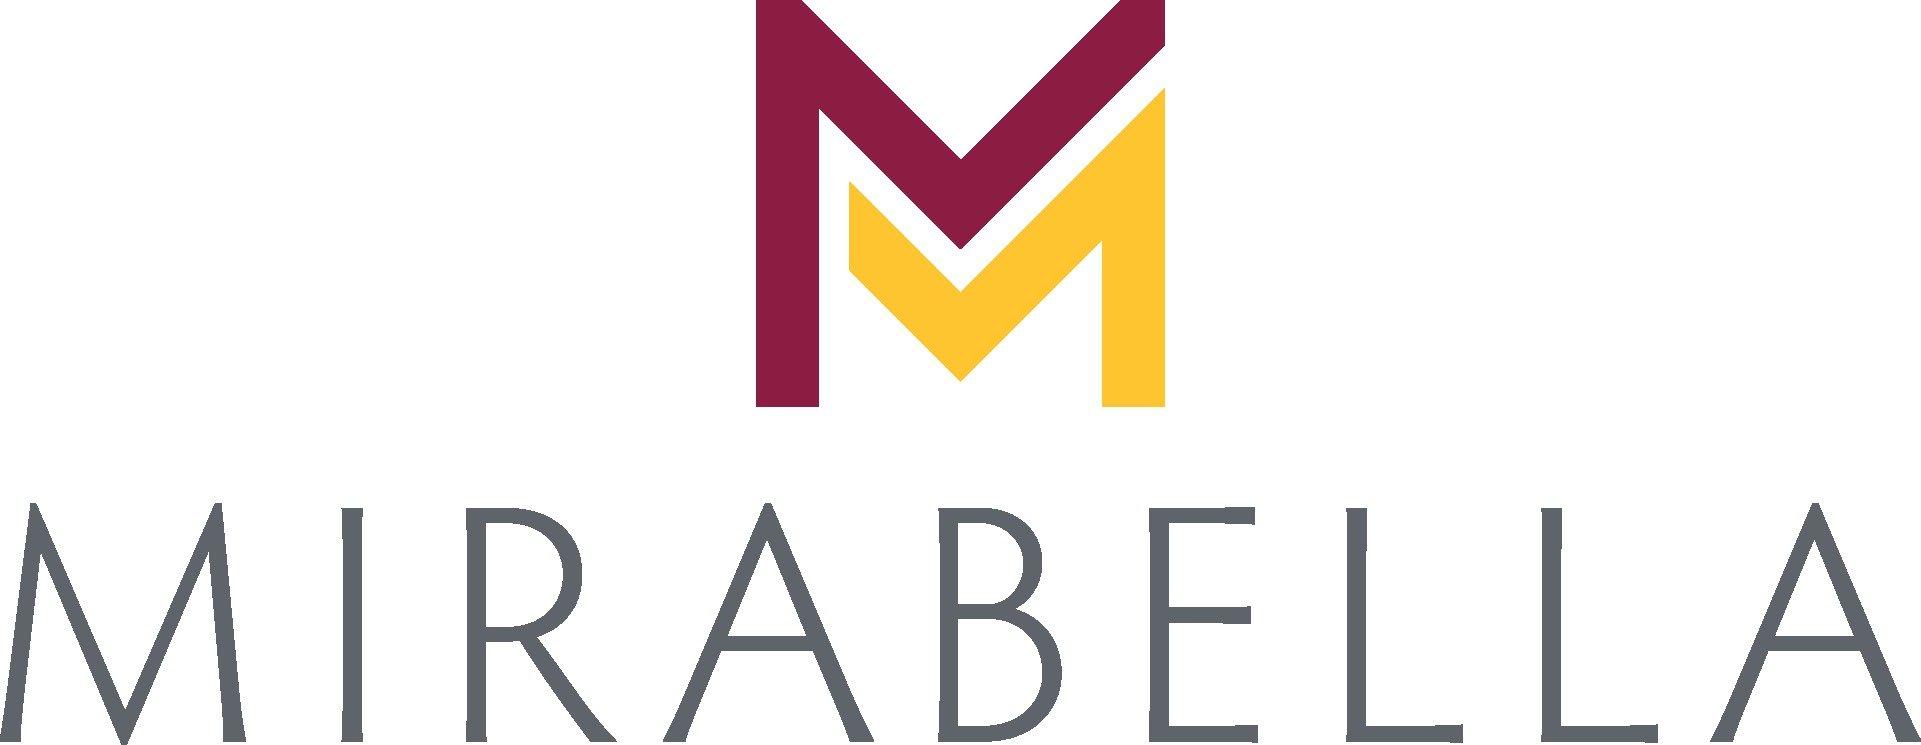 Mirabella at ASU Logo Image PHX